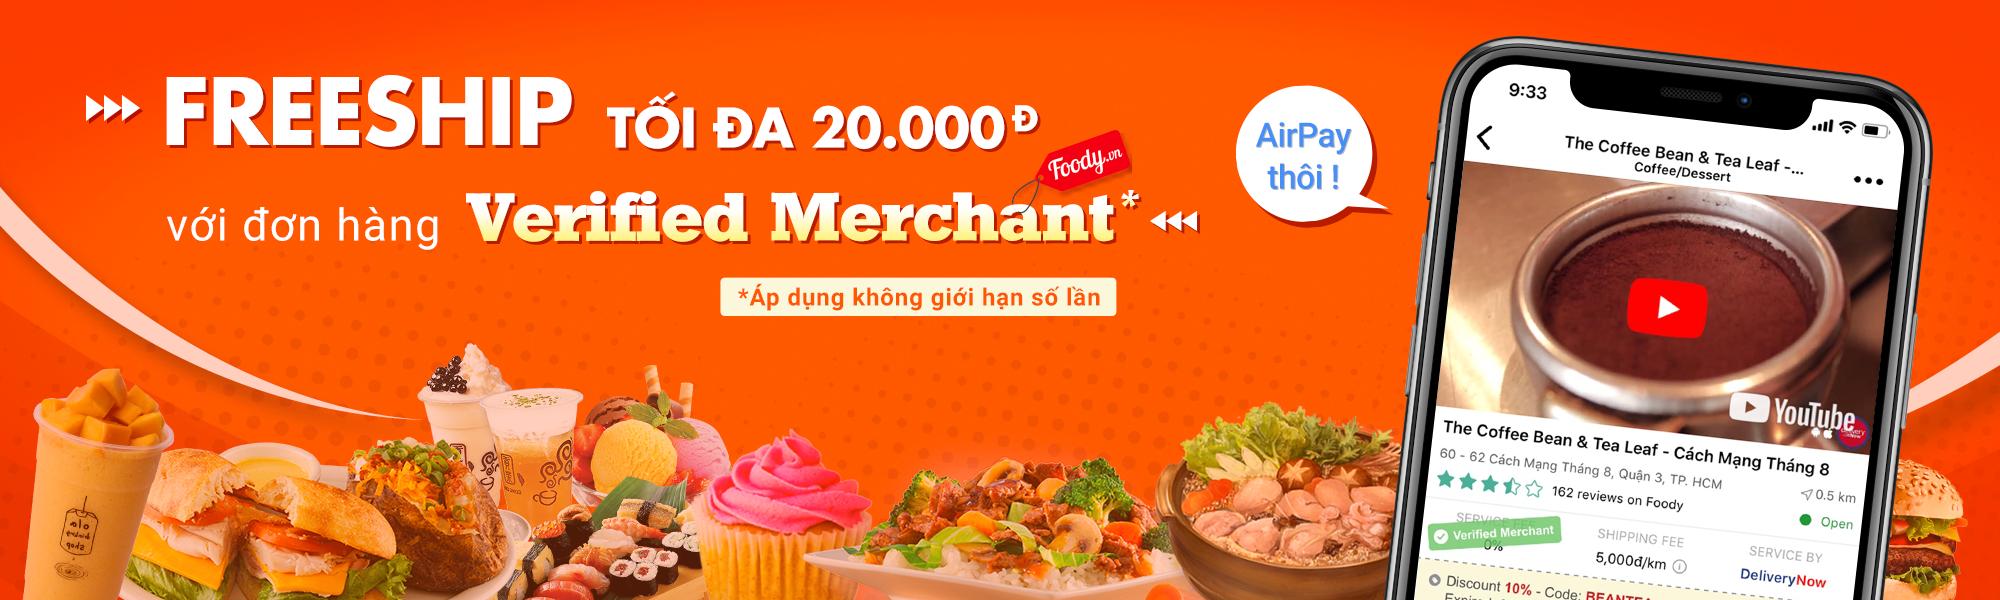 freeship-toi-da-20k-cho-don-hang-foodys-verified-merchant